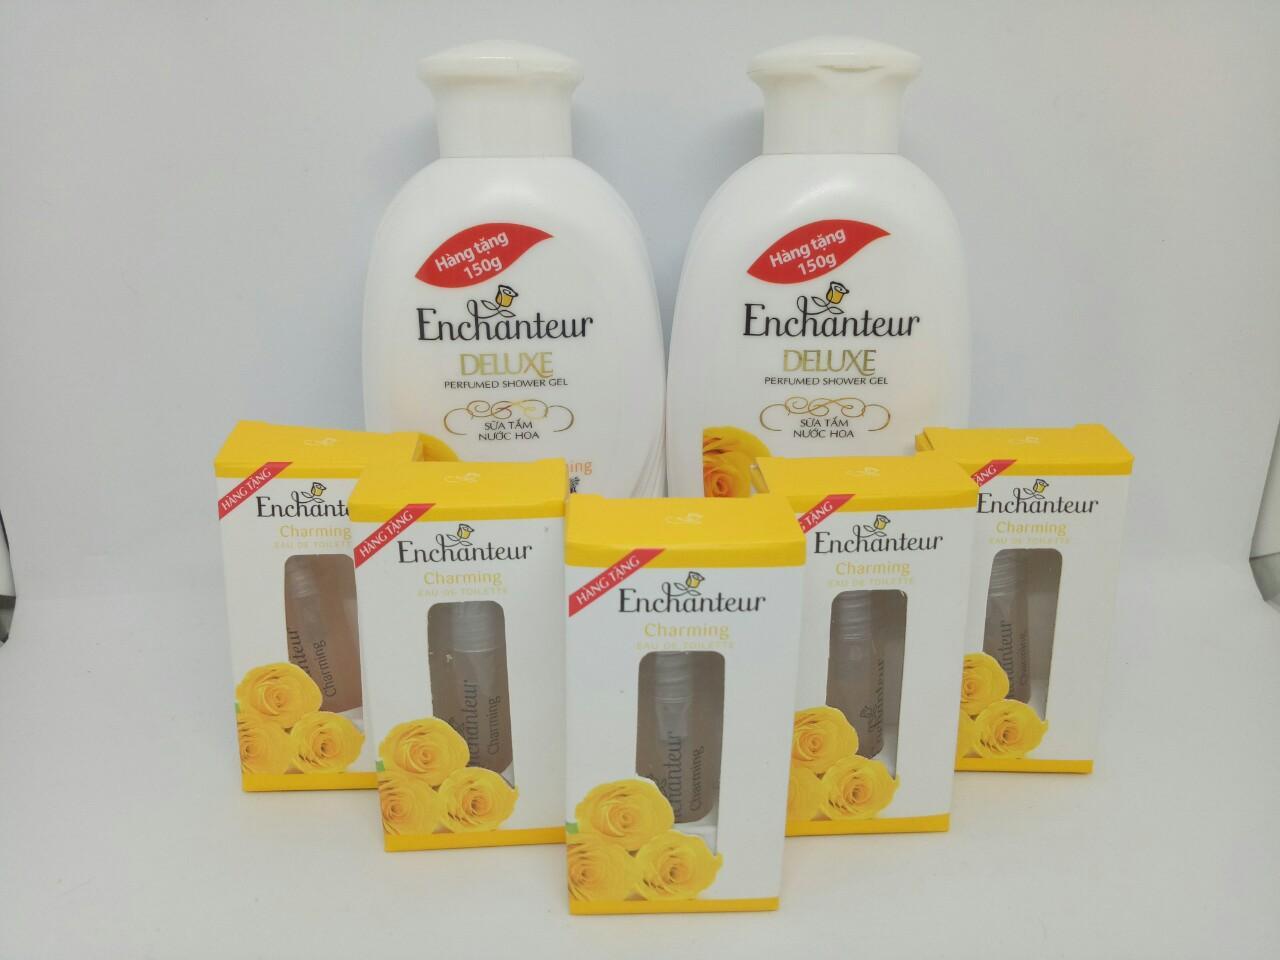 Trọn bộ 7 món : 2 chai Sữa Tắm Trắng Và Dưỡng Ẩm có hạt Enchanteur Deluxe + Tặng 5 chai Nước Hoa Enchanteur hương thơm quyến rũ + kèm thêm 1 túi đựng mỹ phẩm xinh xắn